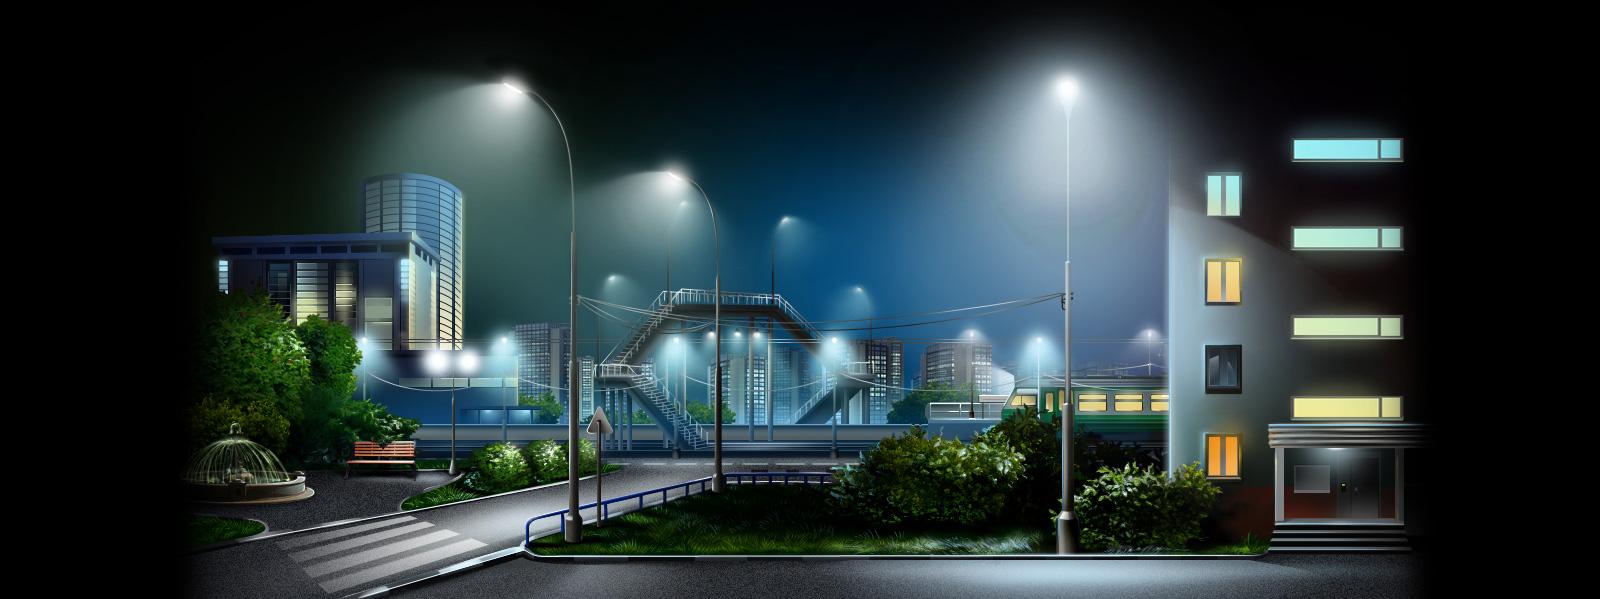 Купить уличные светильники и фонари в интернет-магазине